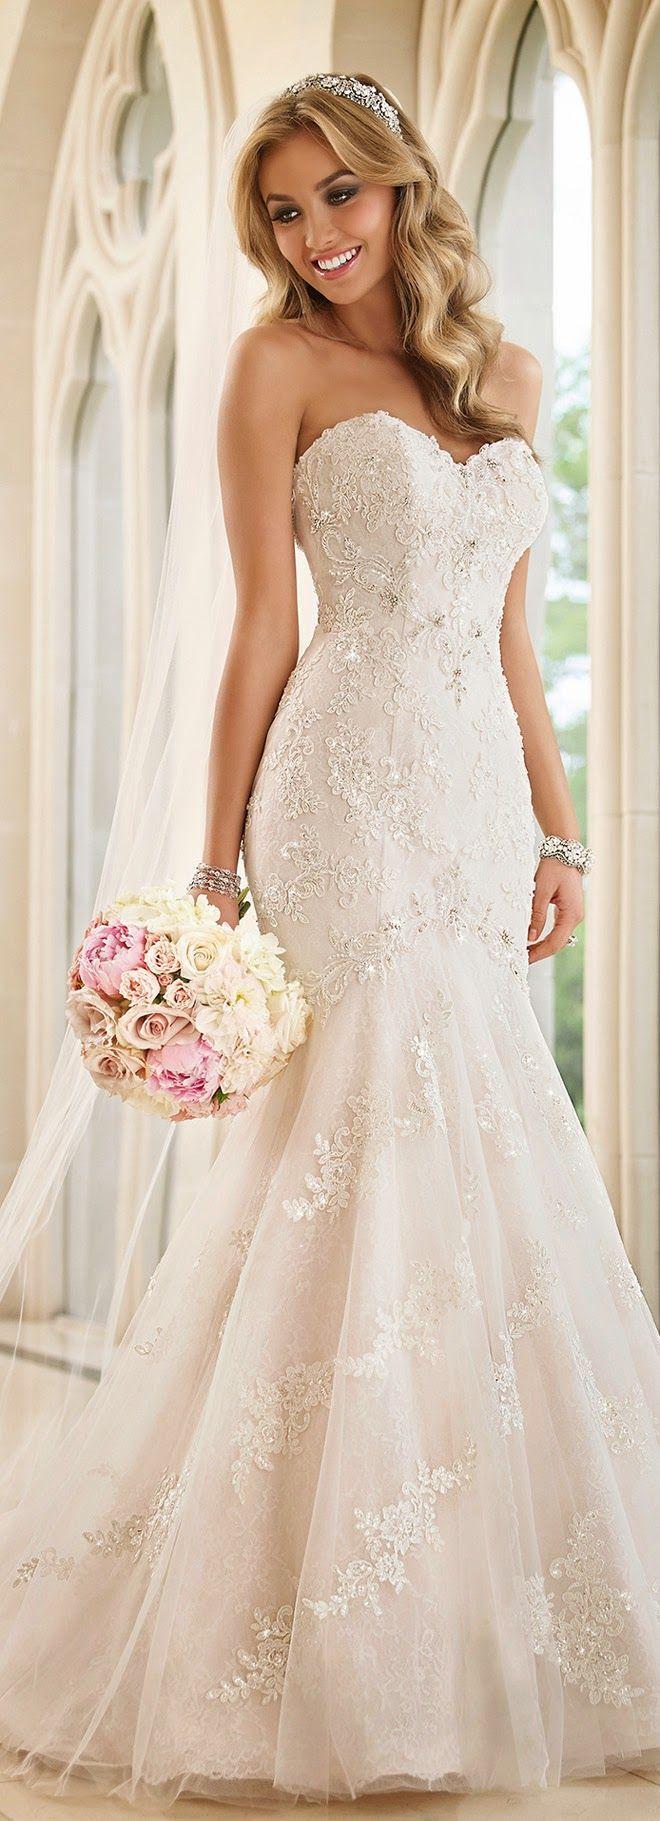 Wedding - Stella York Fall 2015 Wedding Dress